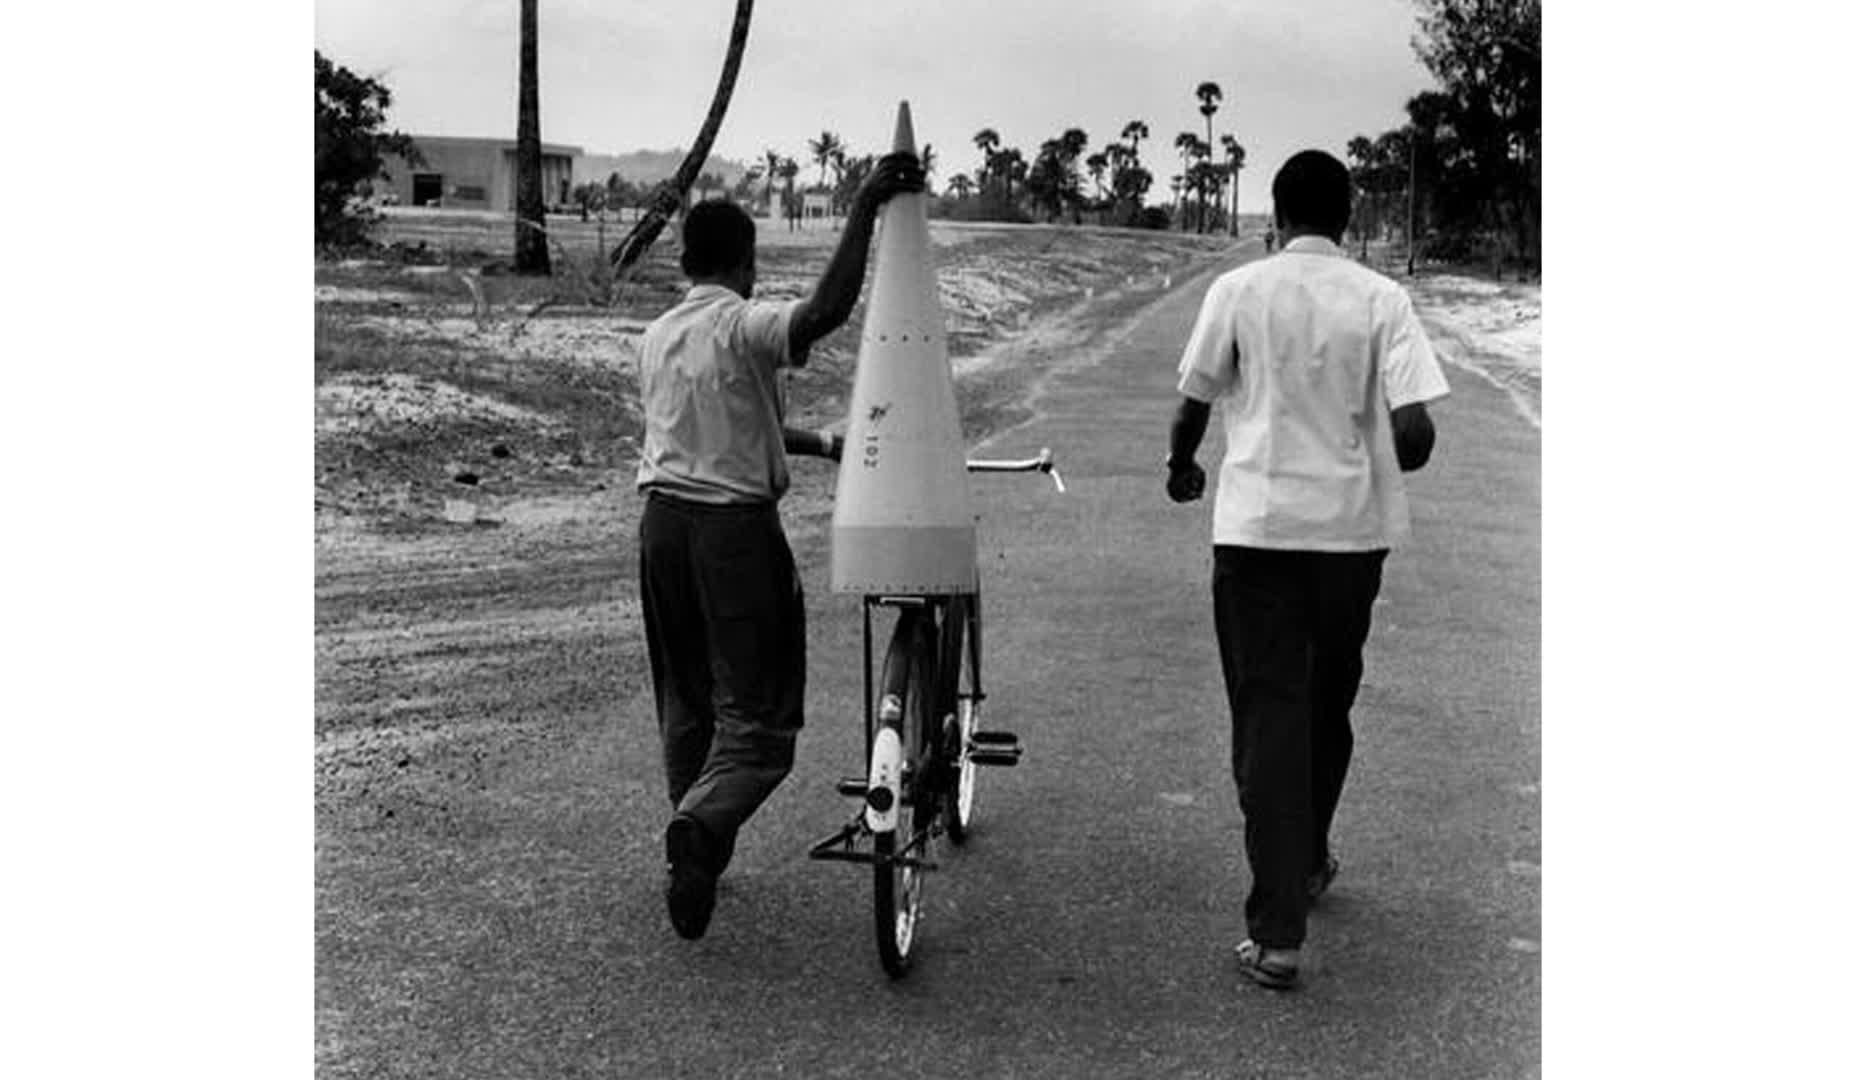 ISRO: It's Not Just Rocket Science